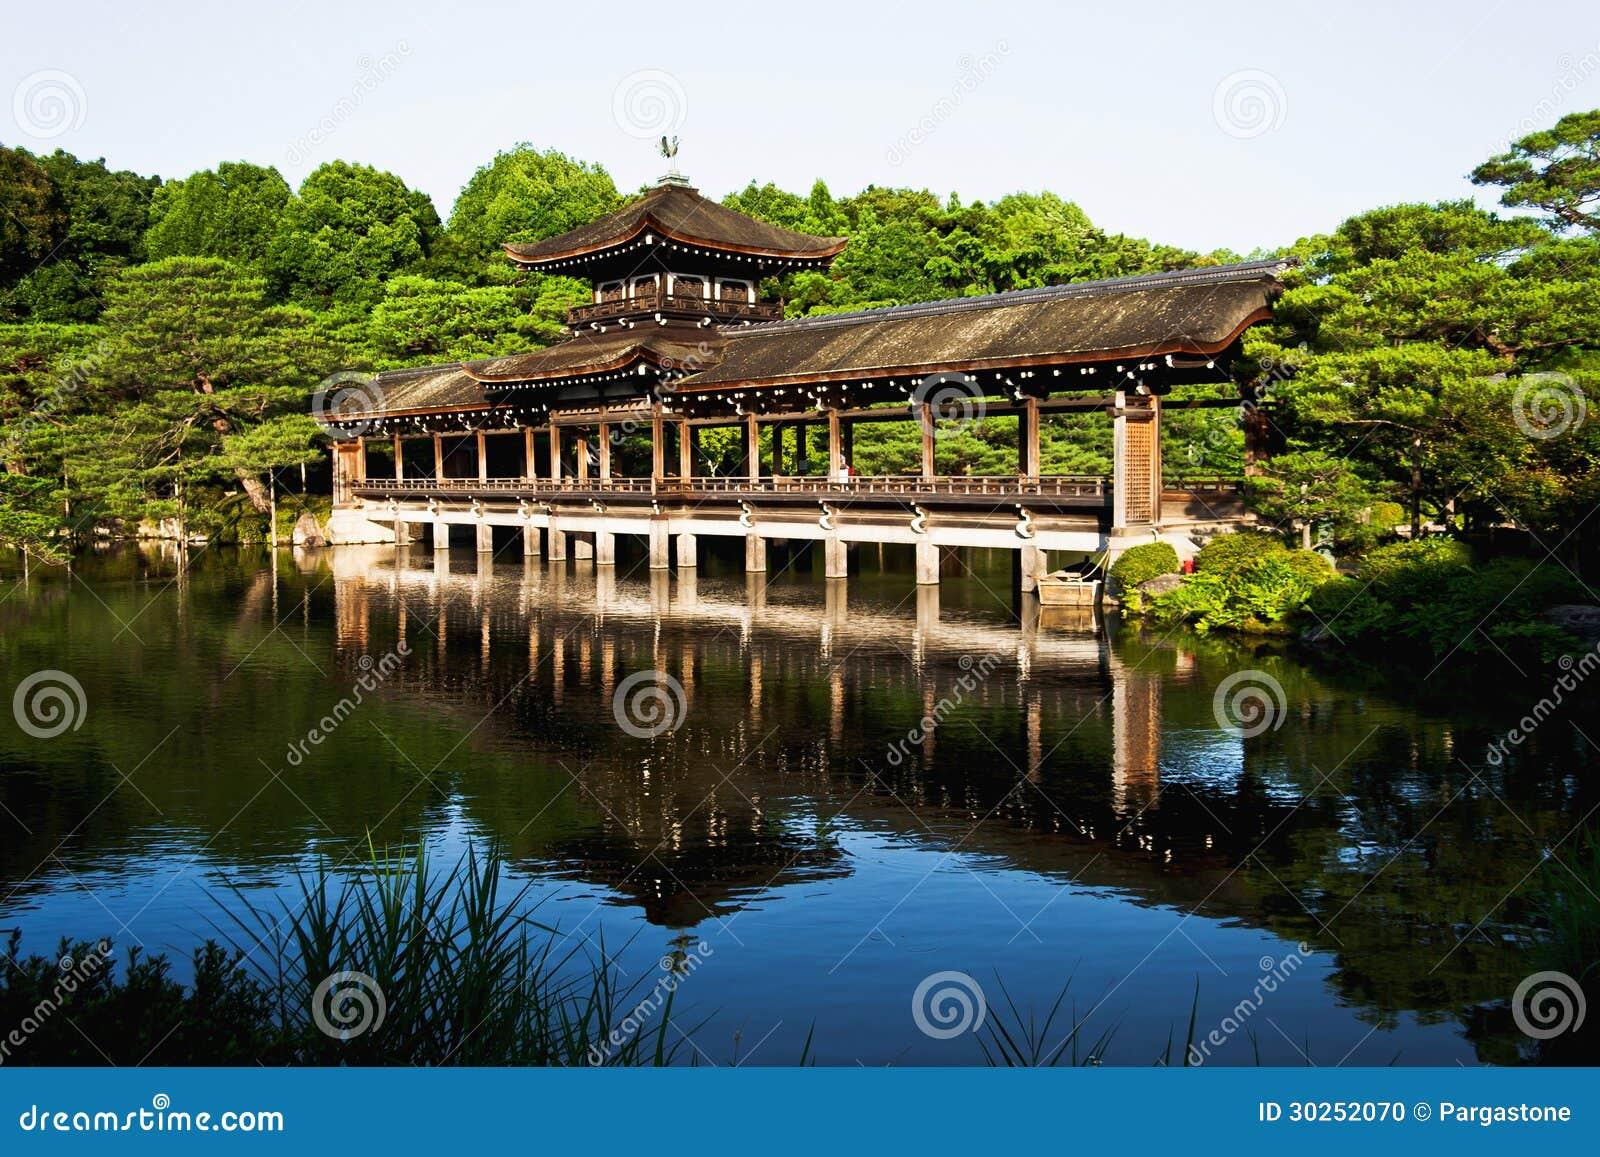 Amazing Old Japanese Heian Palace Bridge In Kyoto Stock